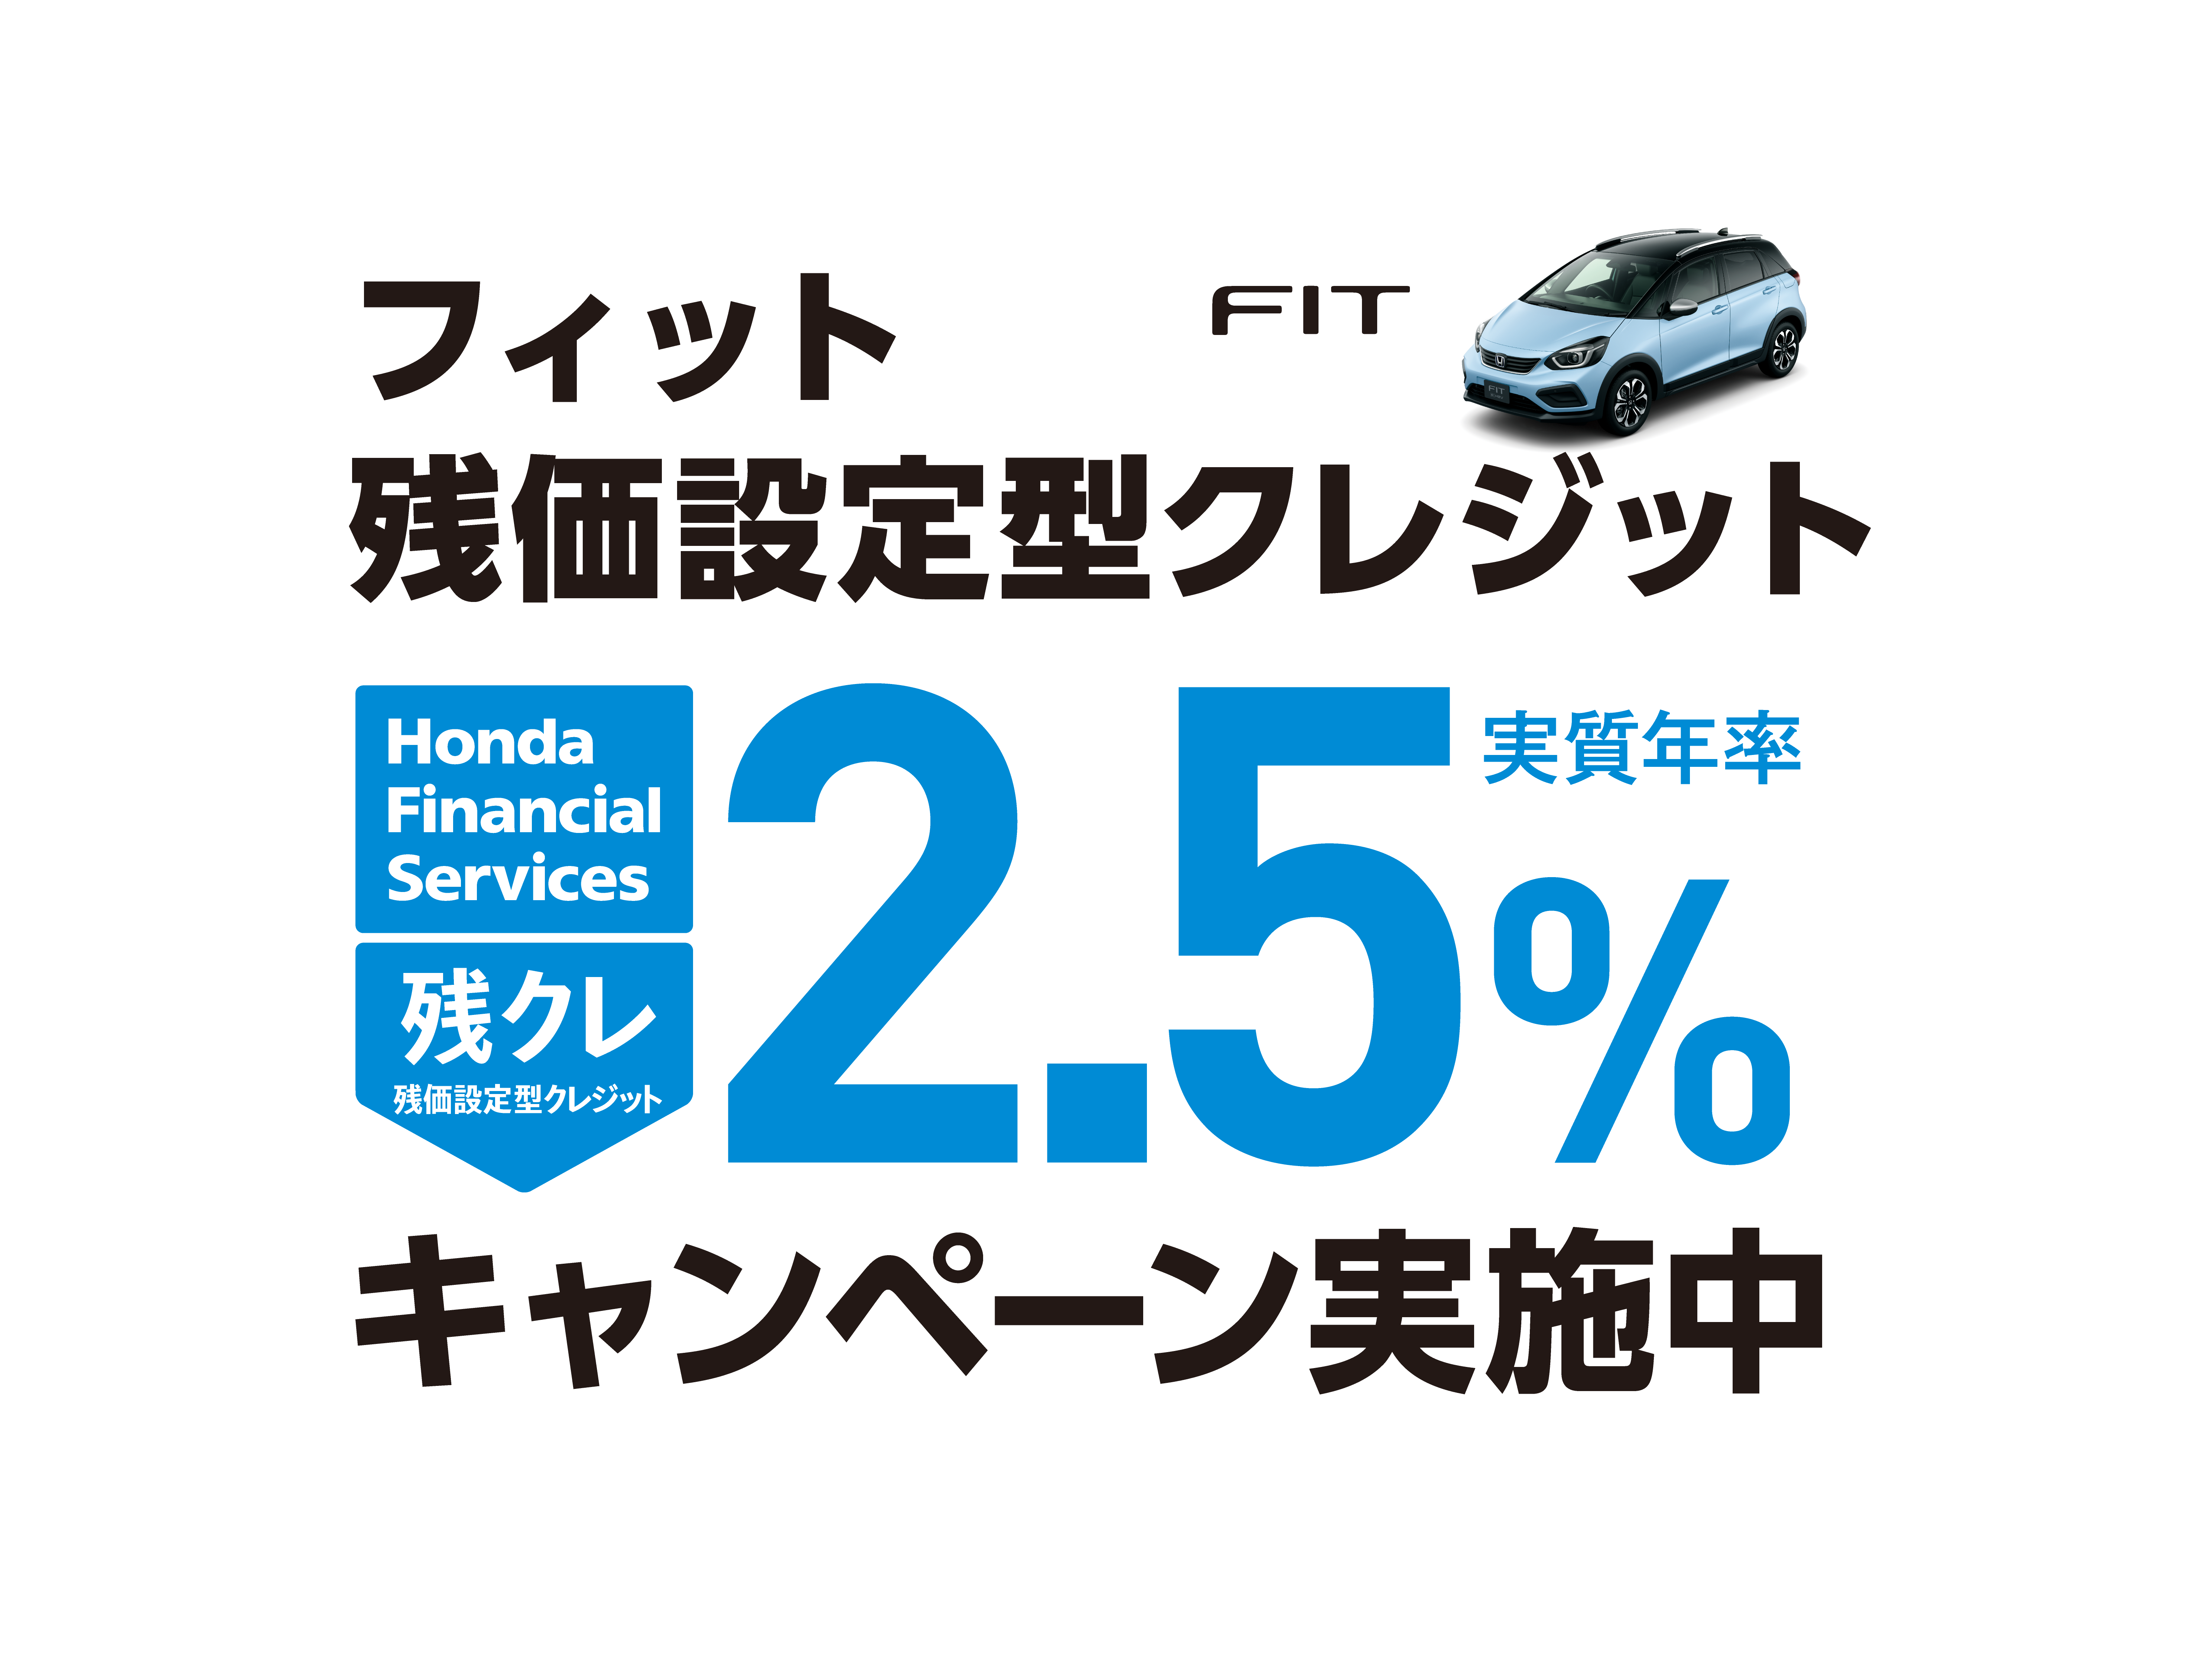 フィット 残価設定型クレジット 2.5%キャンペーン実施中